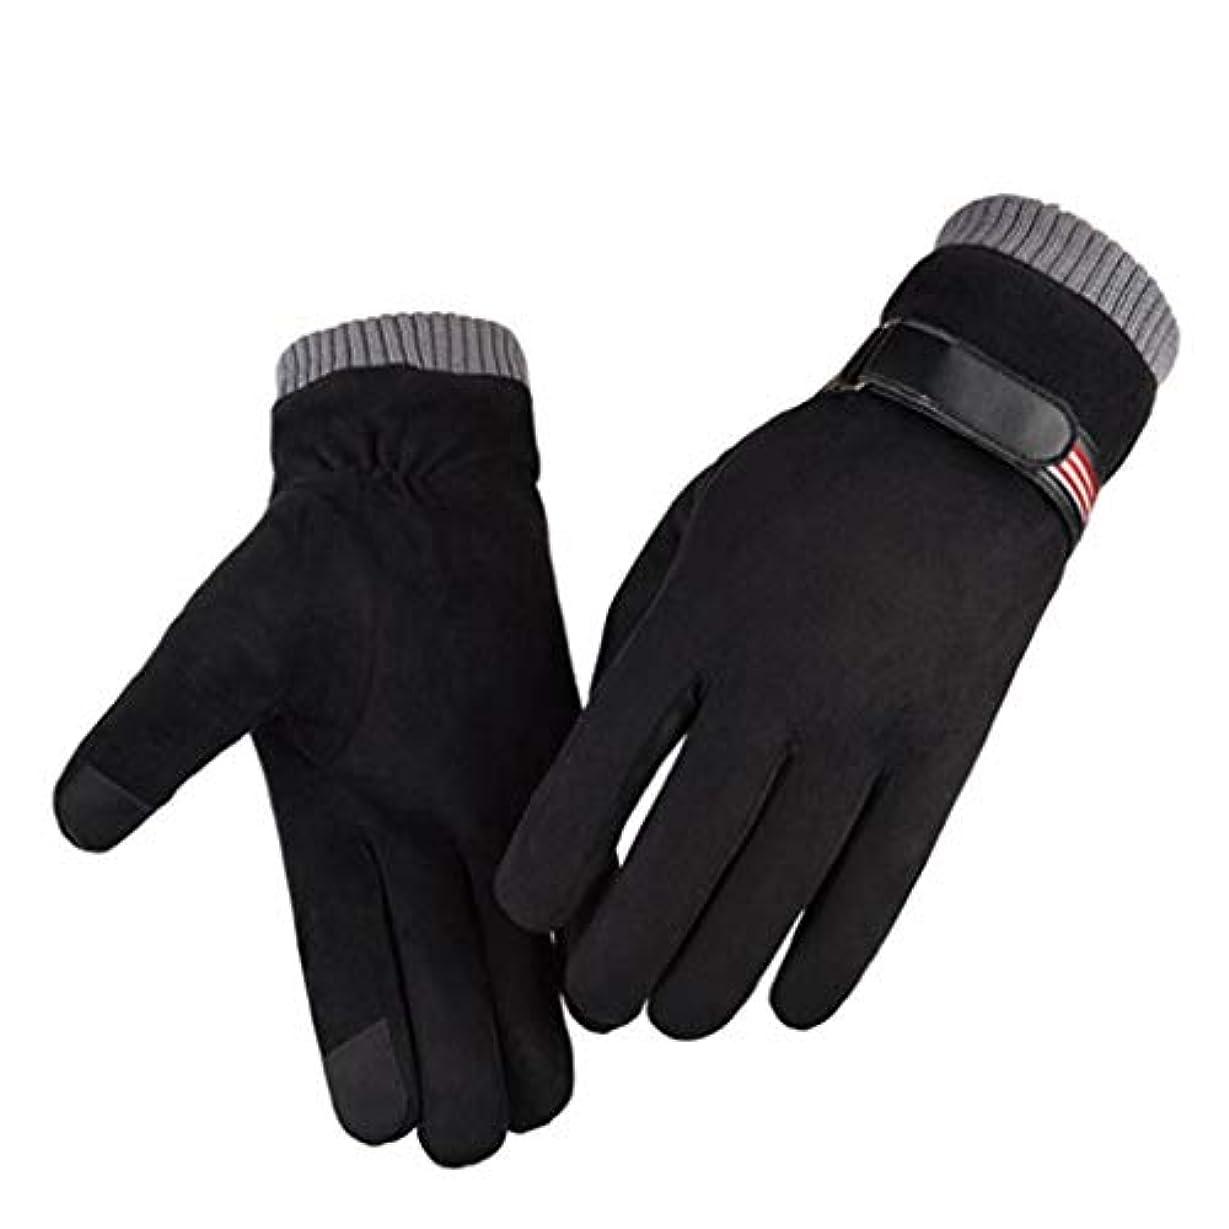 意外空白熱革手袋男性の秋と冬のファッションプラスベルベット厚い暖かい防風コールドライドアンチスキッドタッチスクリーンスエード手袋の男性